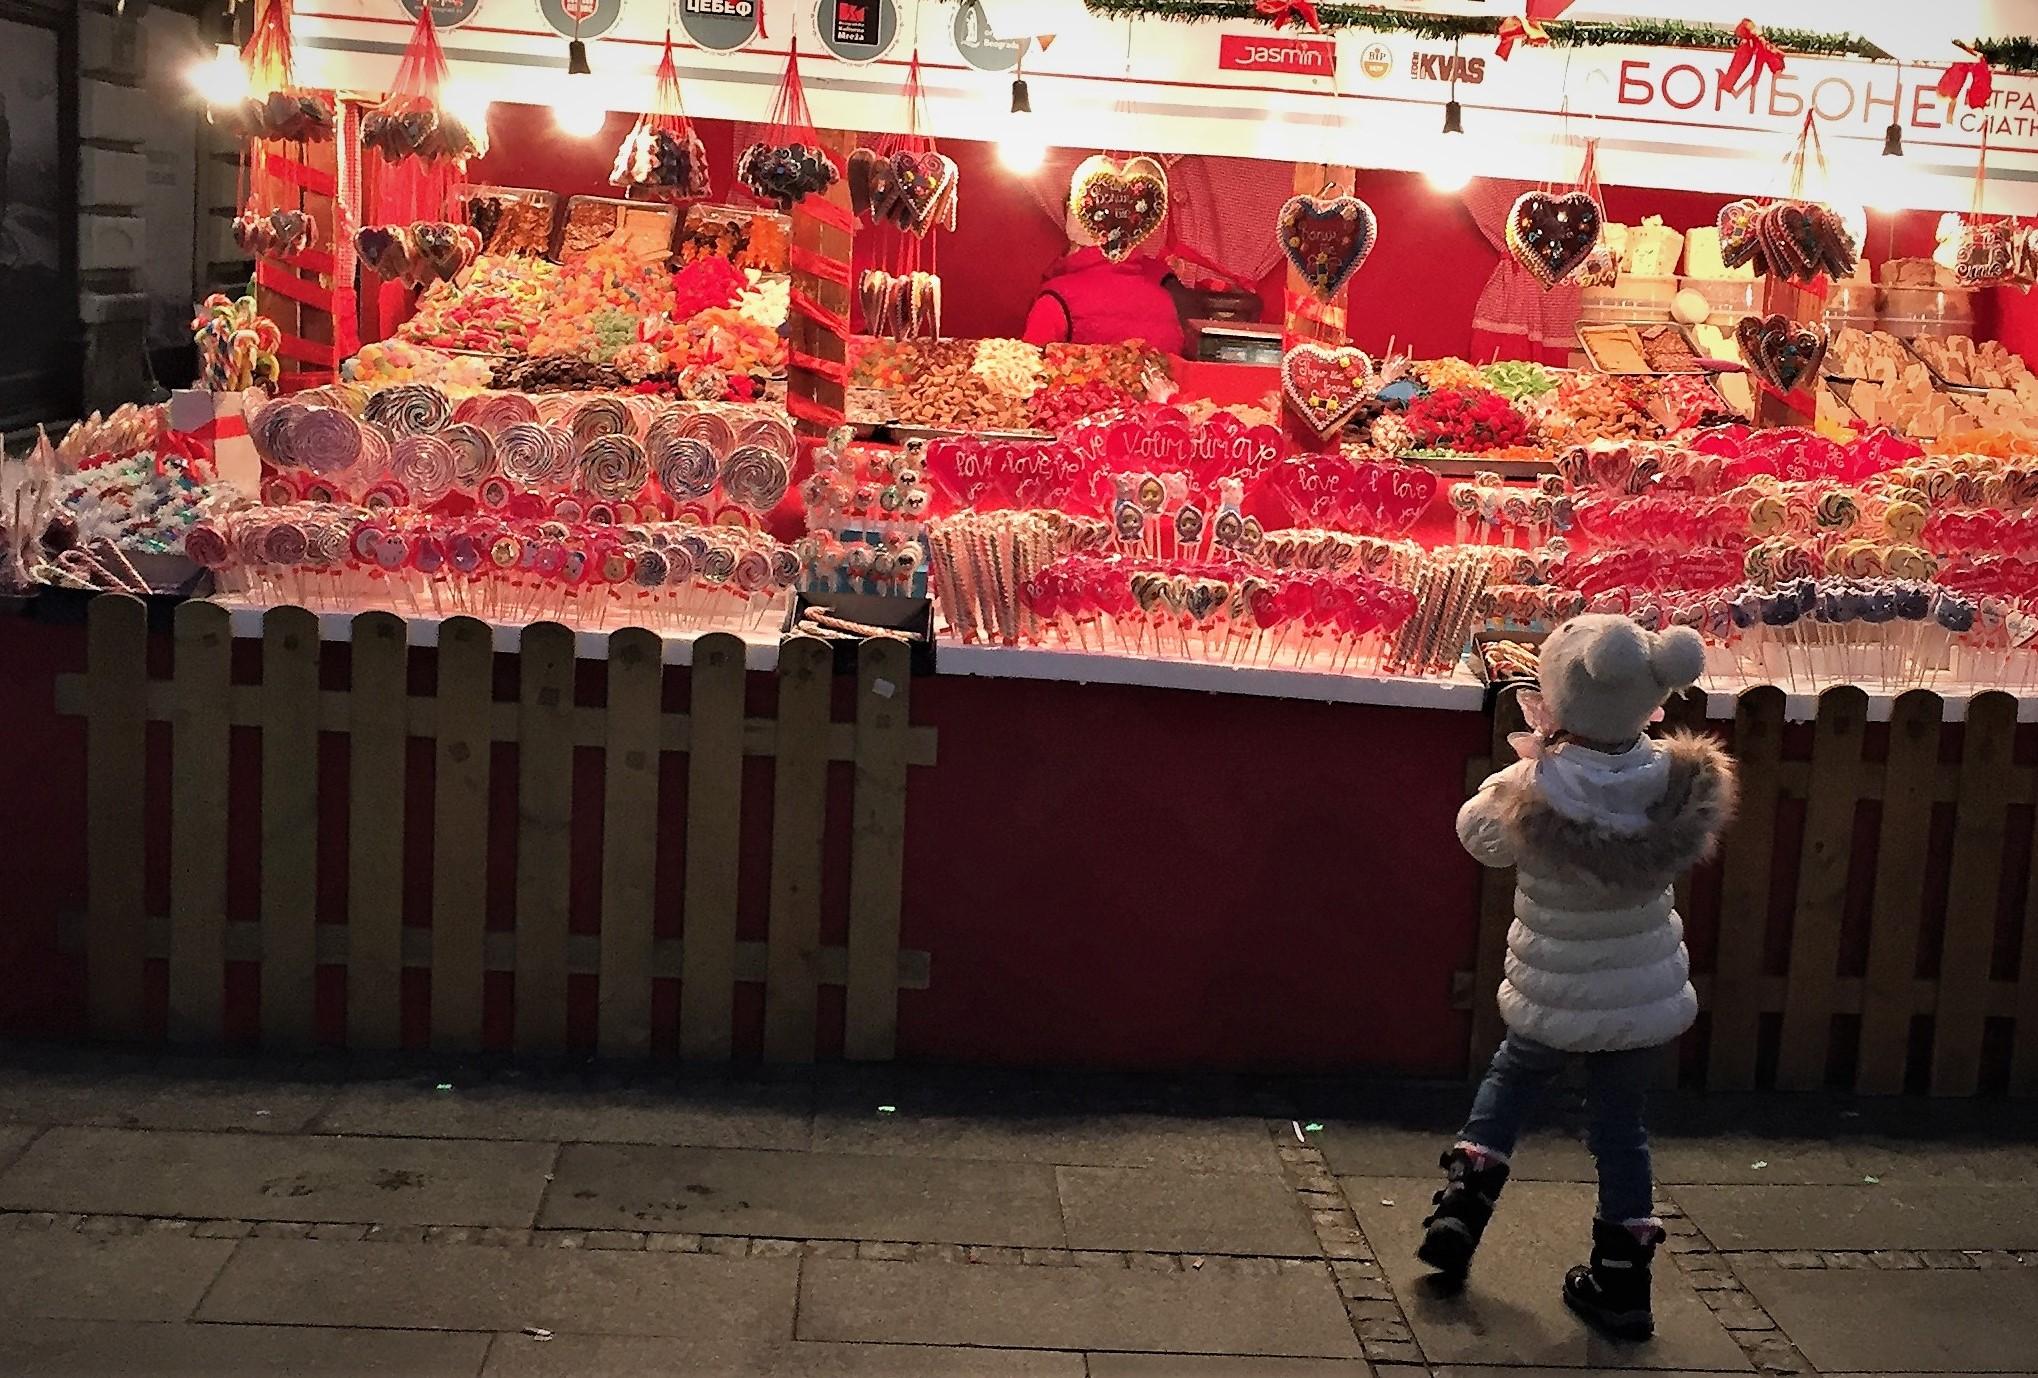 In der Flaniermeile stehen Weihnachts-Chalets mit Schleckereien.